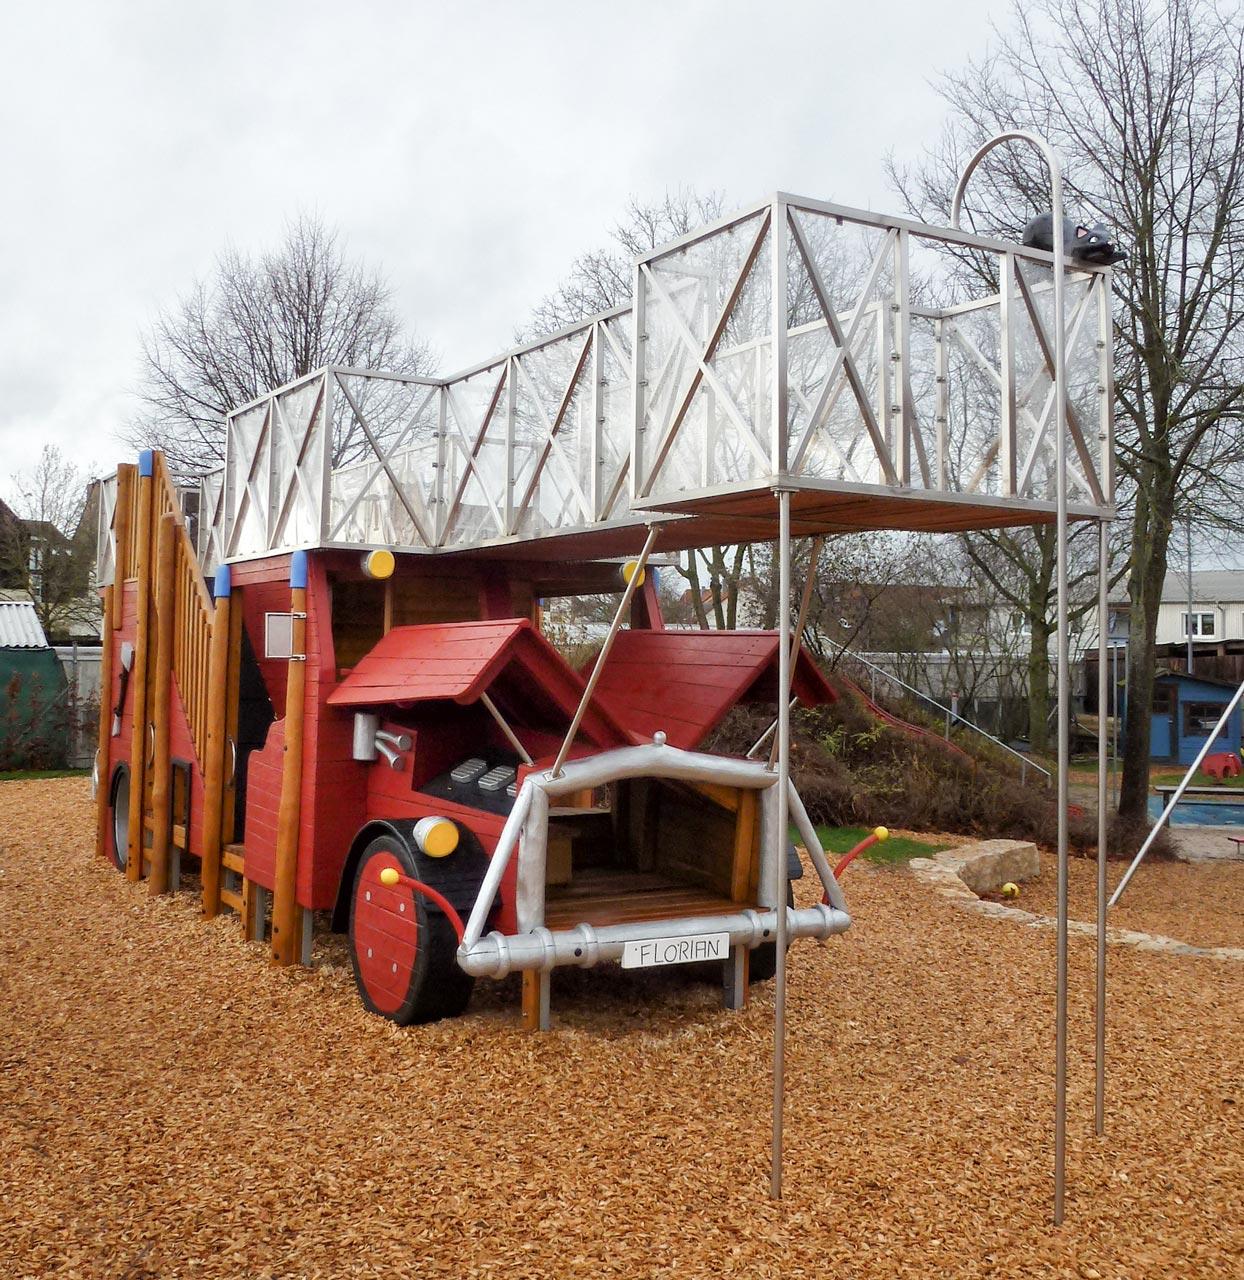 Feuerwehr Spielplatz, Holzgerlingen, Themenspielplatz